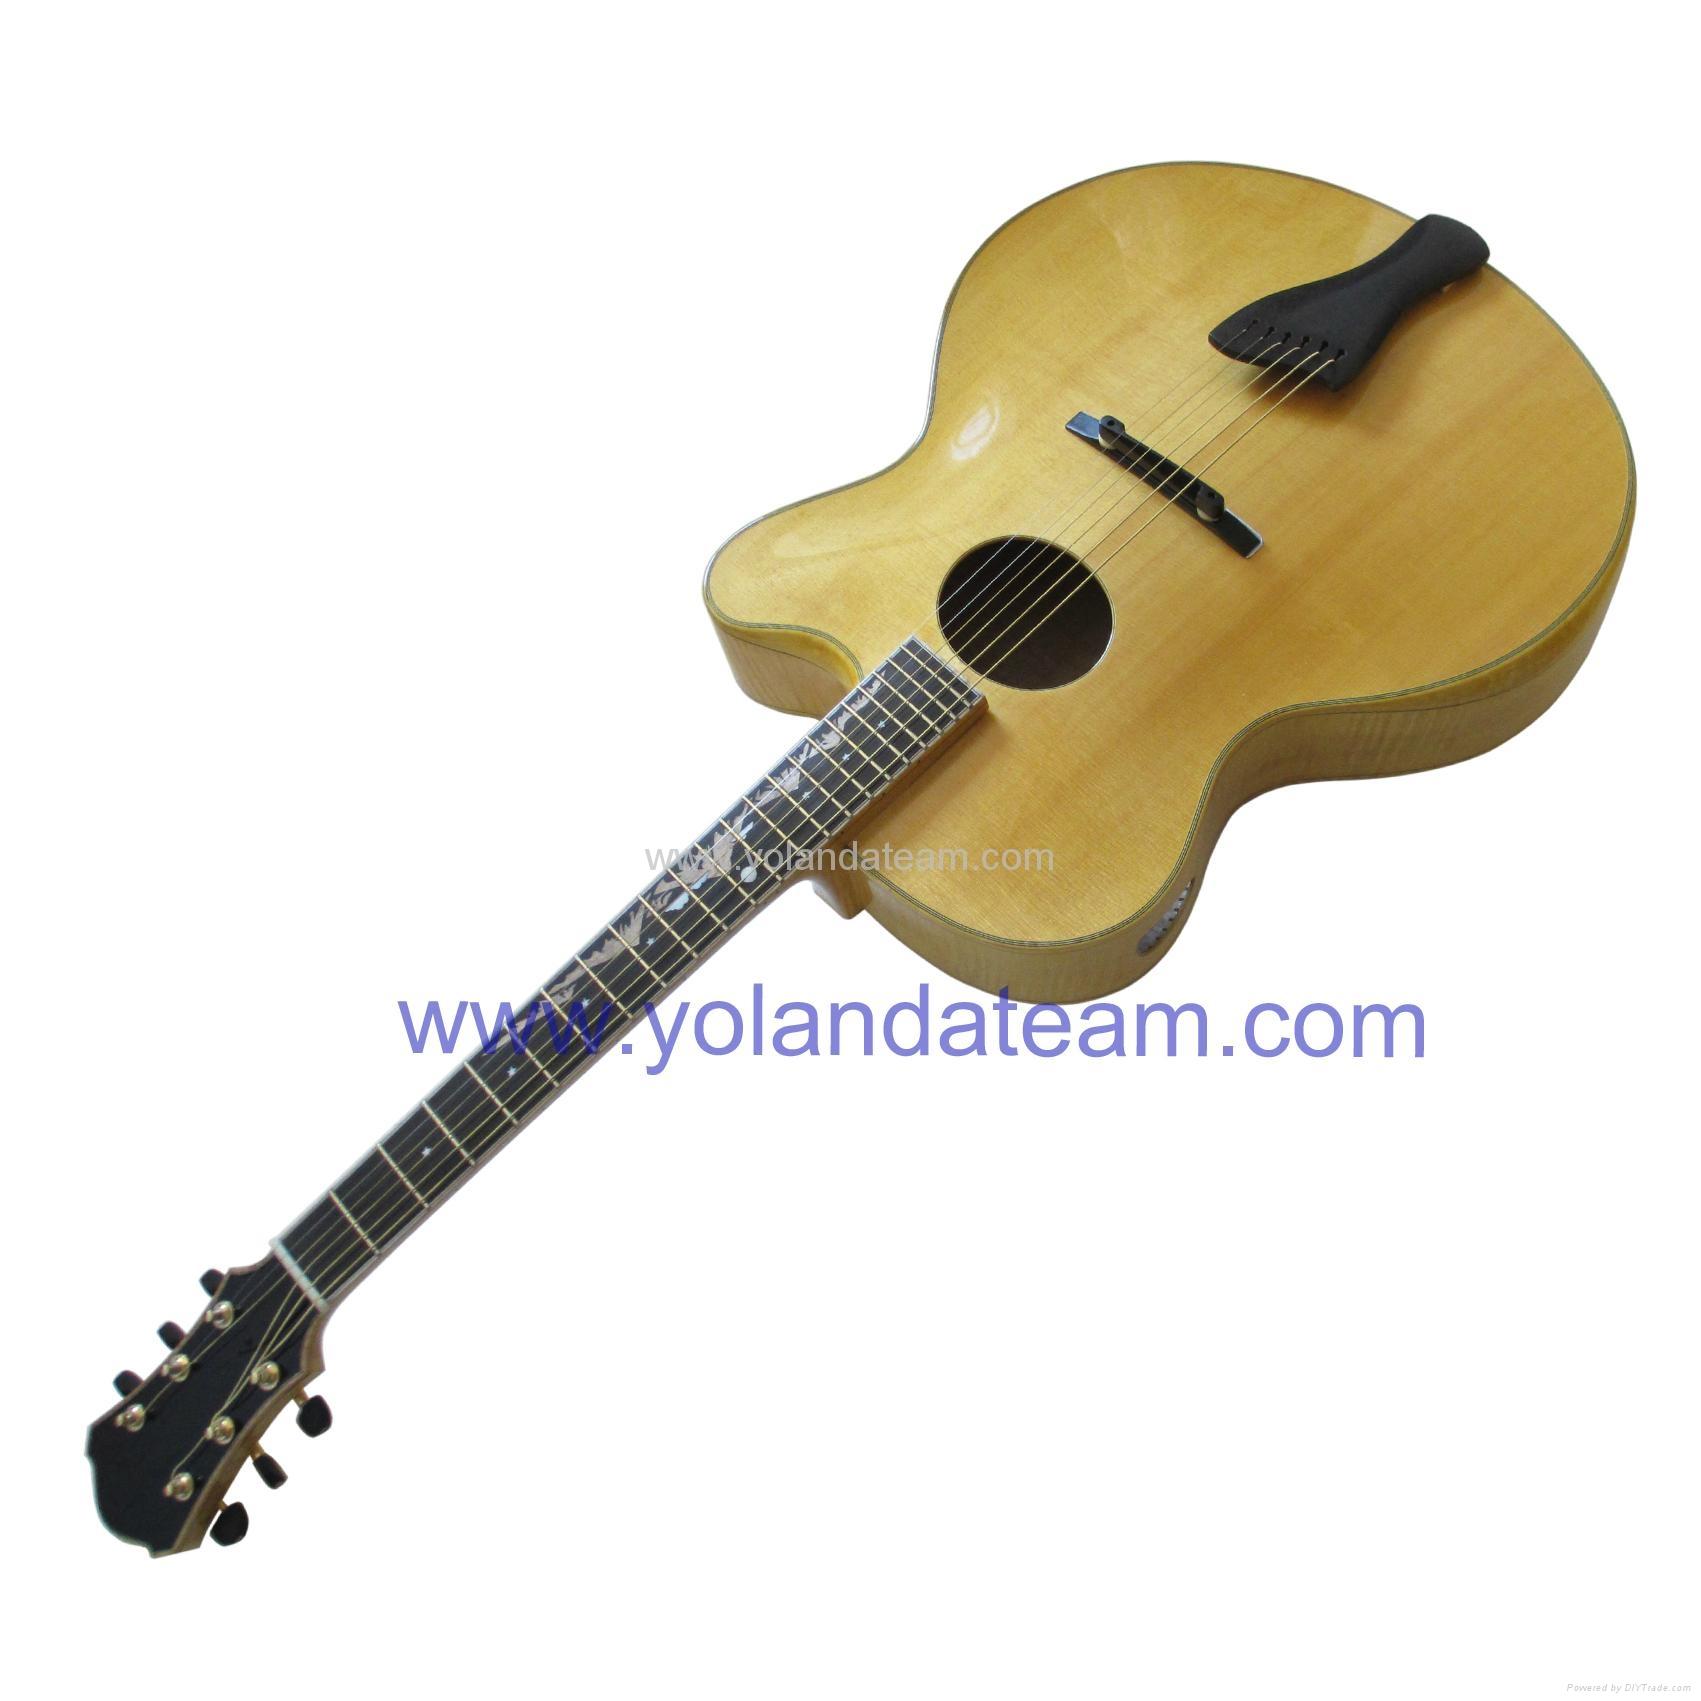 18寸爵士吉他 5